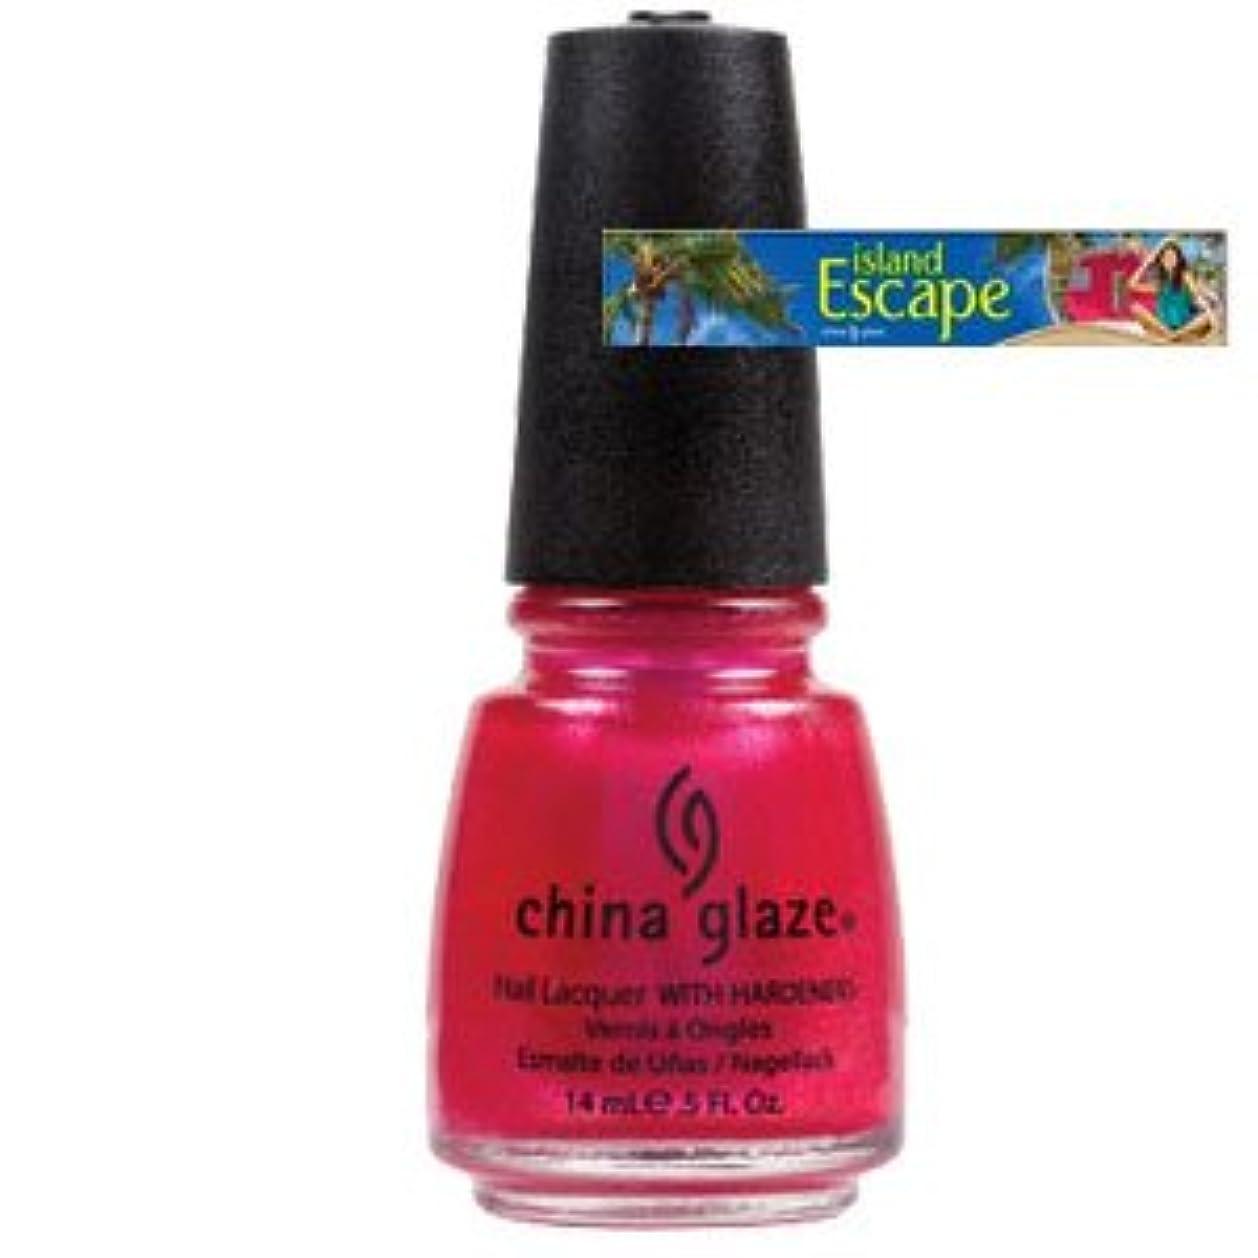 品揃え無許可憂慮すべき(チャイナグレイズ)China Glaze アイランドエスケープコレクション・108 Degrees [海外直送品][並行輸入品]